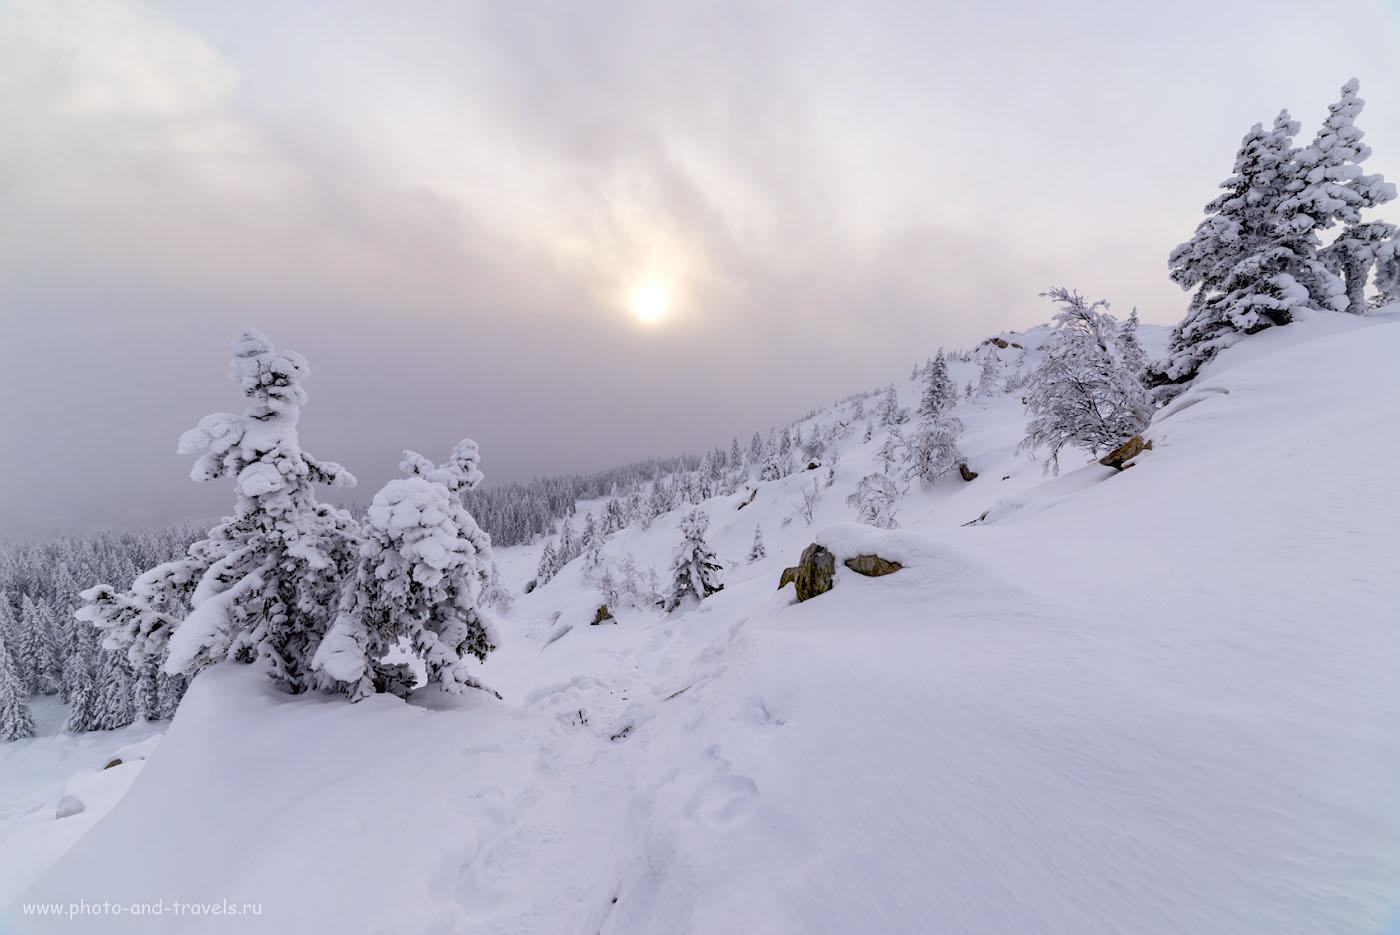 Фото 18. Зимняя тундра в горах Челябинской области. 1/160, +0.33, 8.0, 140, 14.